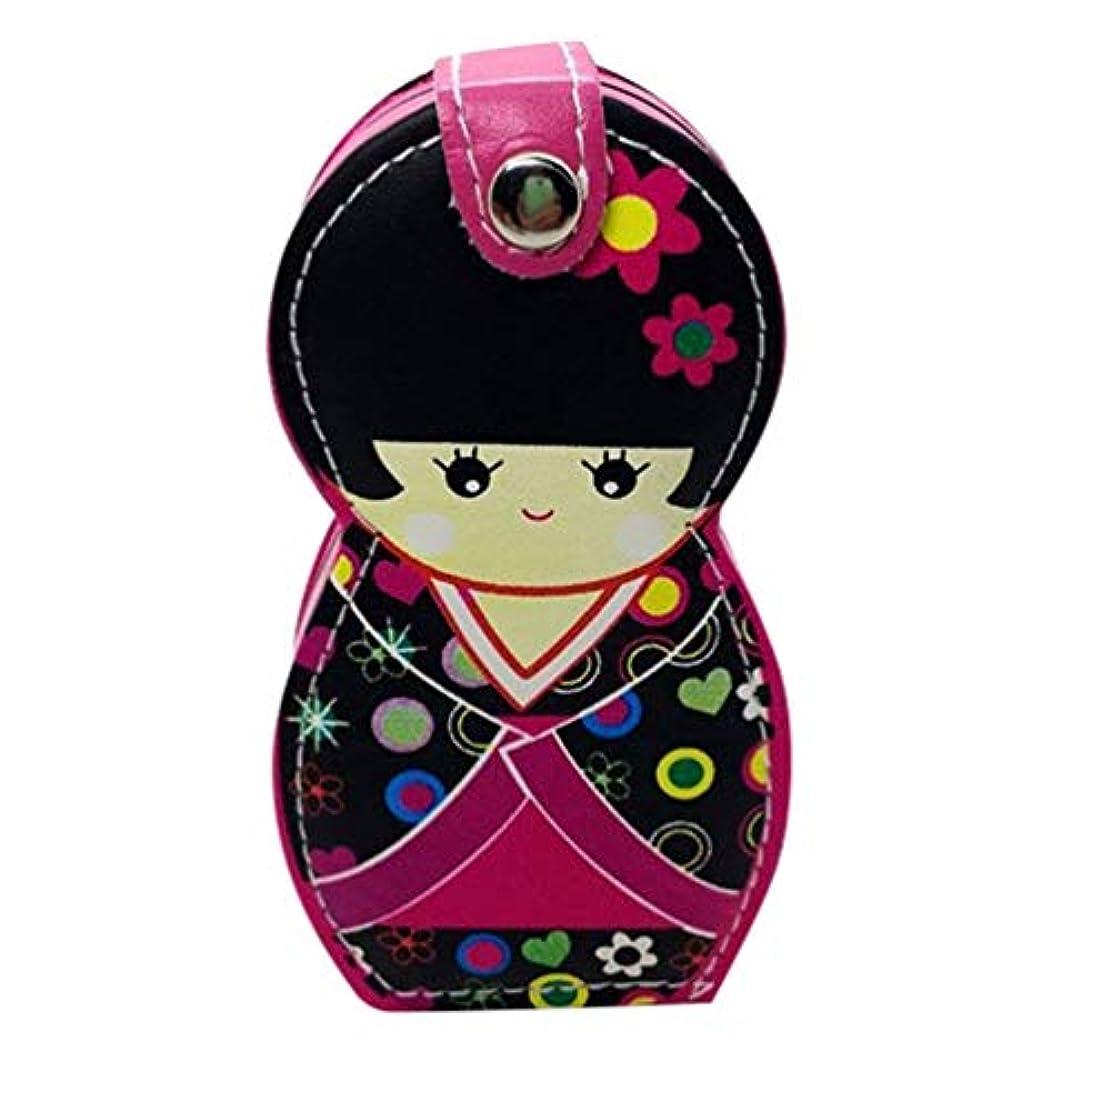 キャンバス撤退クリークHongma ネイルケアセット マニキュアセット 可愛い 日本人形 ロシア人形 グルーミングキット 爪やすり 爪切りセット 携帯便利 収納ケース付き (日本人形ピンク)